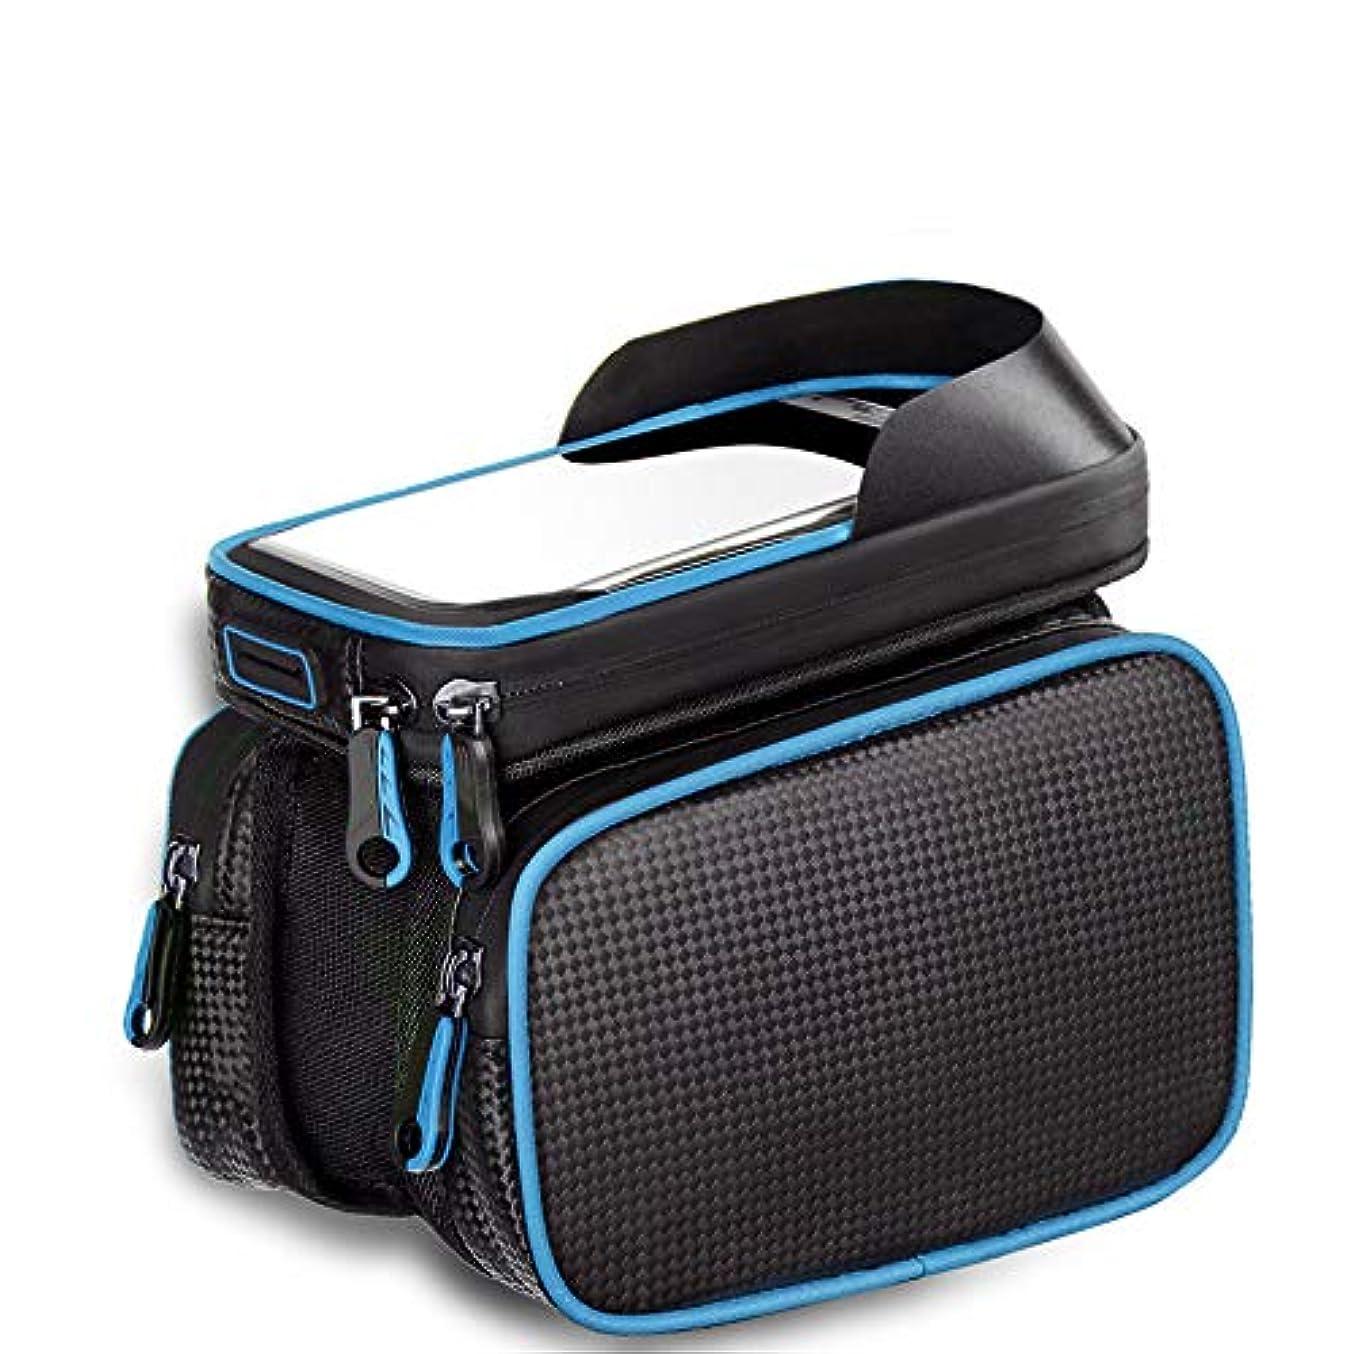 引退する石シエスタ自転車 フロントバッグ バイクフレームバッグ、サイクリングフロントトップヘッドチューブフレームパニエダブルバッグポーチホルダークロスバーバッグIPhone X / 8/7/6 / 6SプラスサムスンギャラクシーS8 S7エッジS6エッジプラススマートフォンまで6.2 ' 多機能 サイクルバッグ (色 : 青)